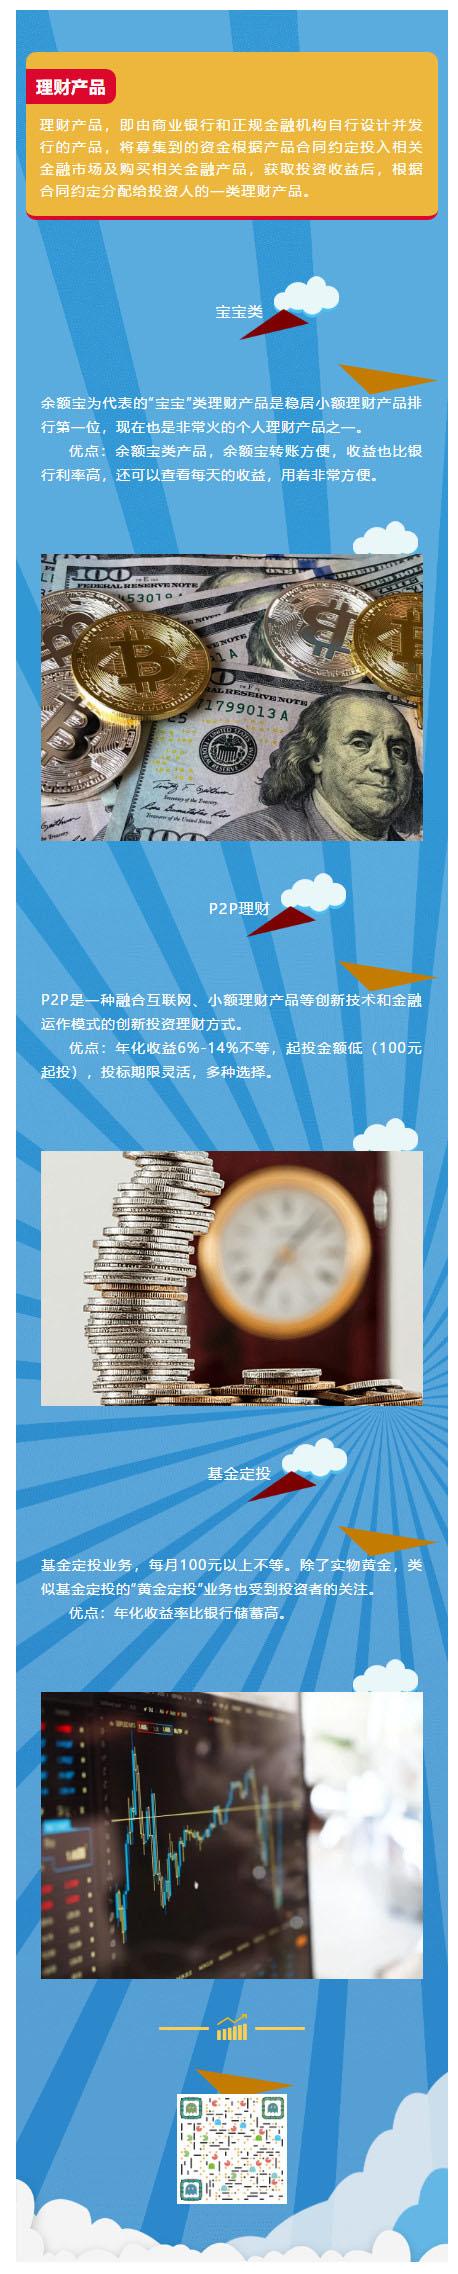 金融理财产品推荐微信公众号推文模板素材